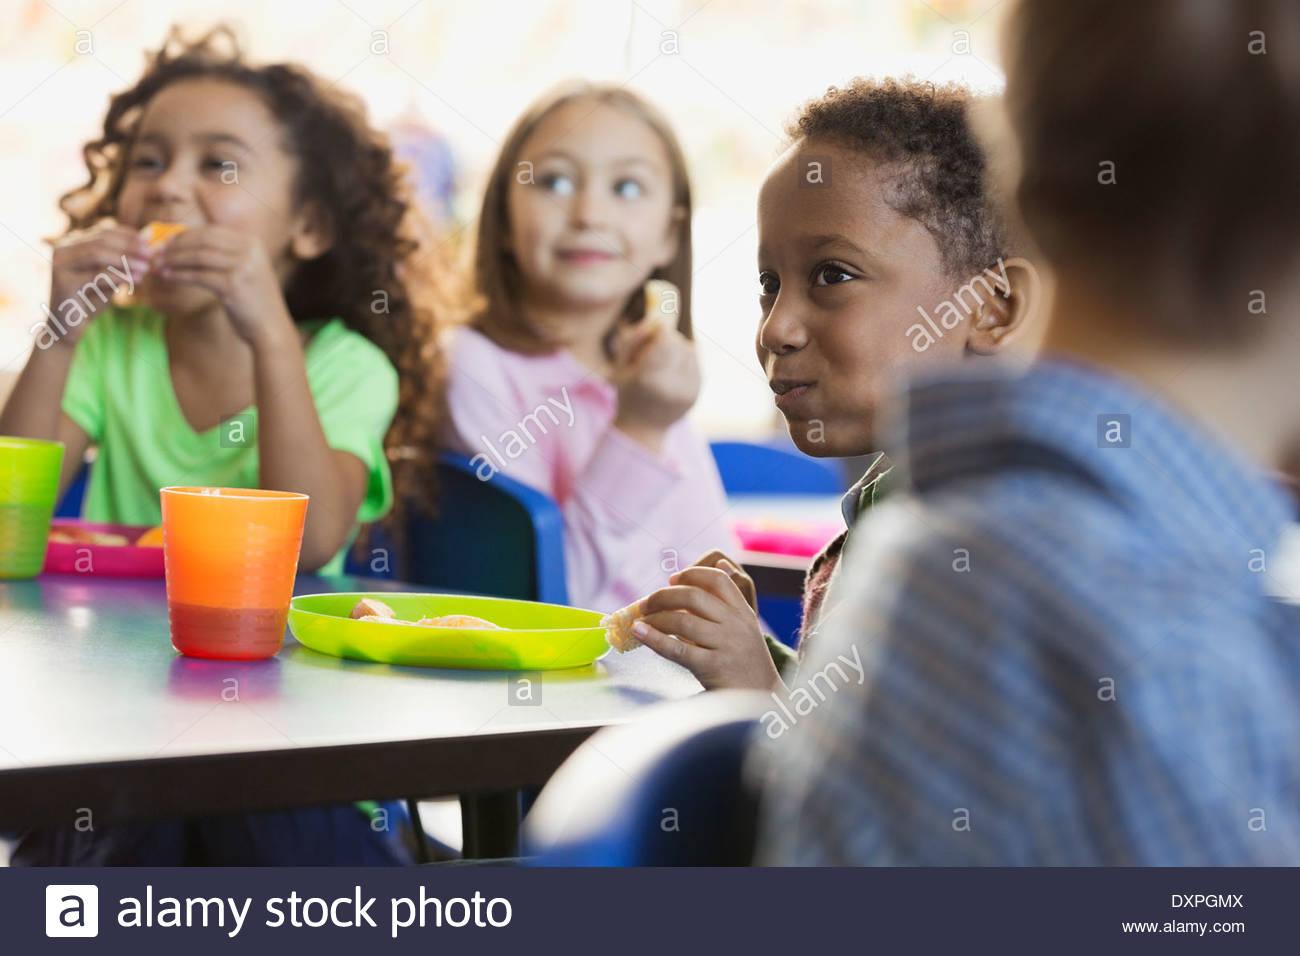 Los niños de comer bocadillos en las aulas de la escuela elemental Imagen De Stock